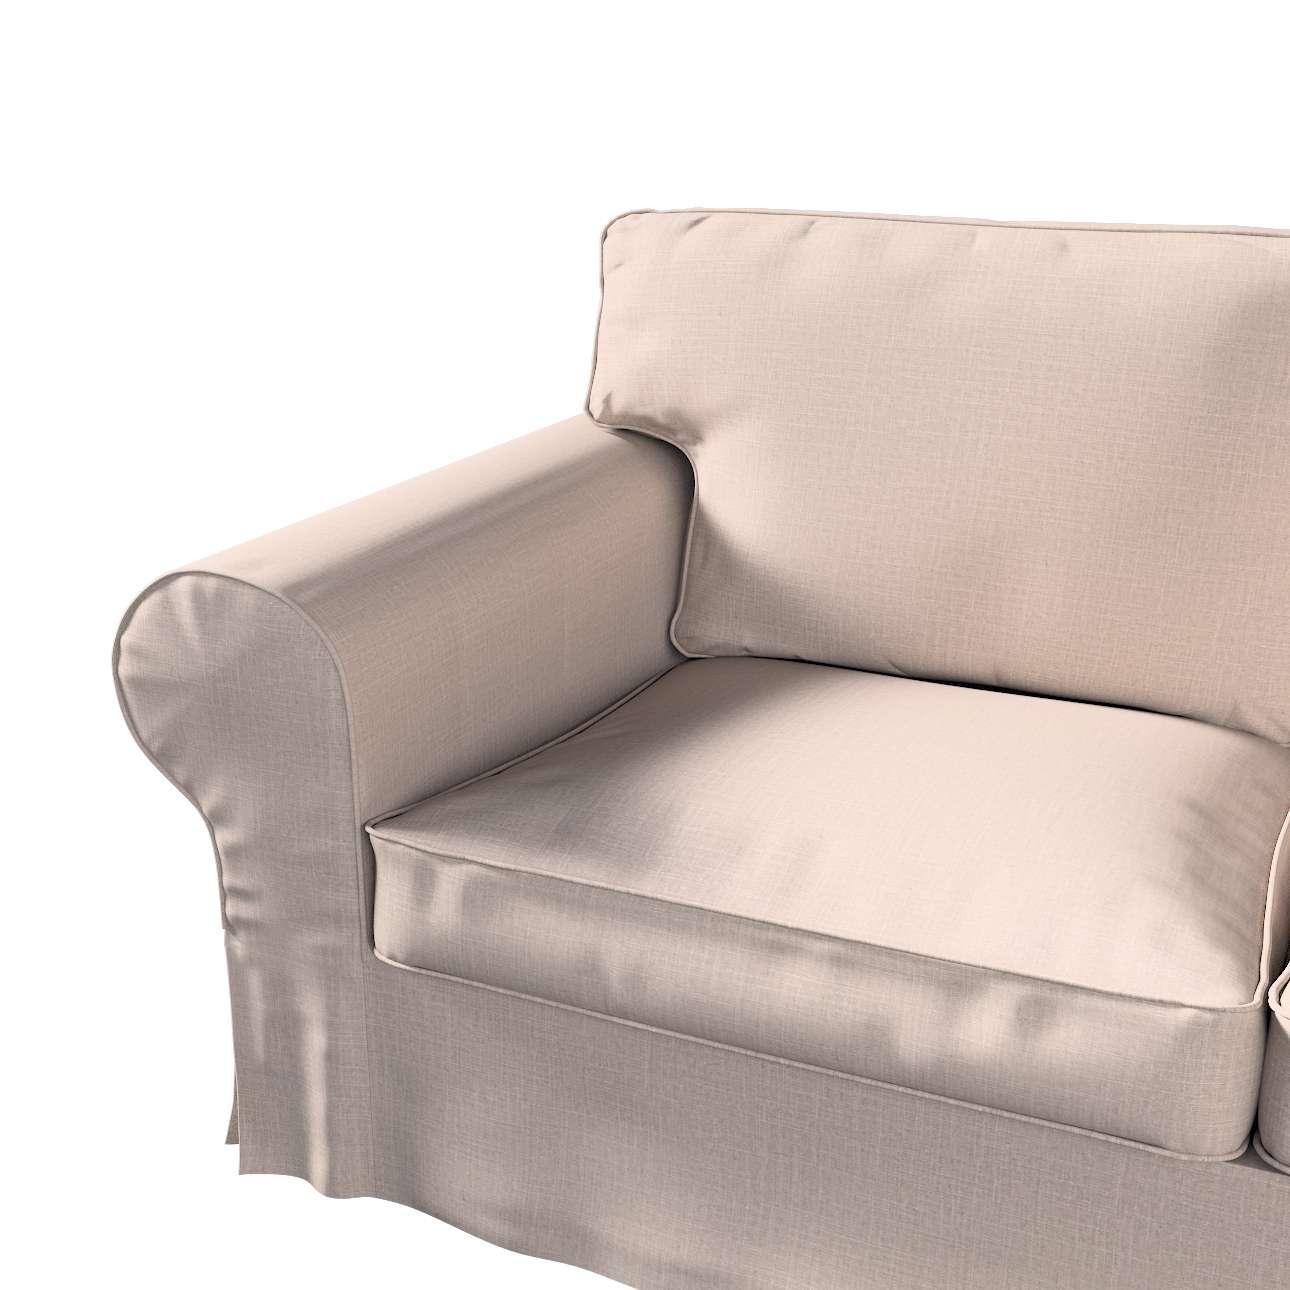 Pokrowiec na sofę Ektorp 2-osobową i leżankę w kolekcji Living, tkanina: 160-85